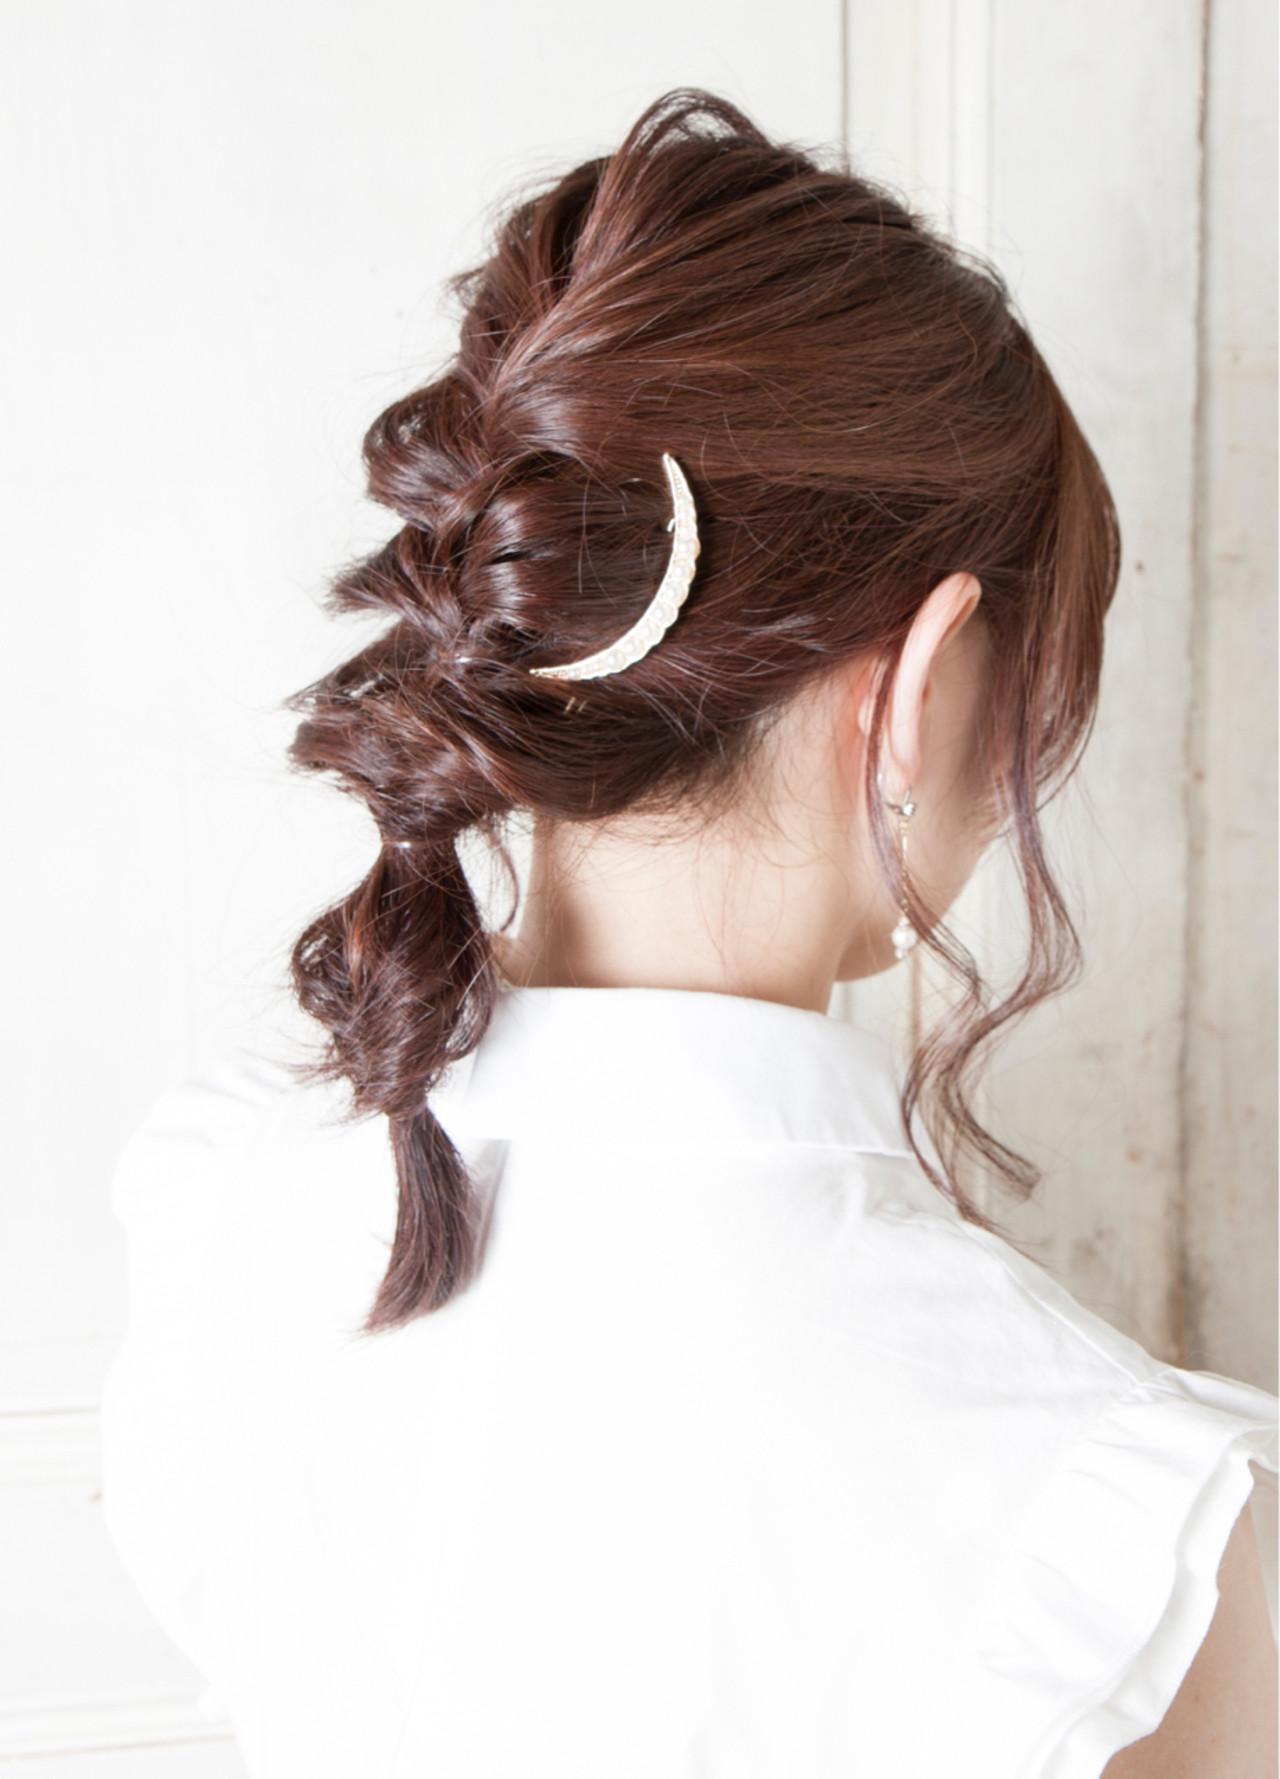 ヘアアレンジ 編み込み ミディアム デート ヘアスタイルや髪型の写真・画像 | ケンタロウ / TIARA 本店